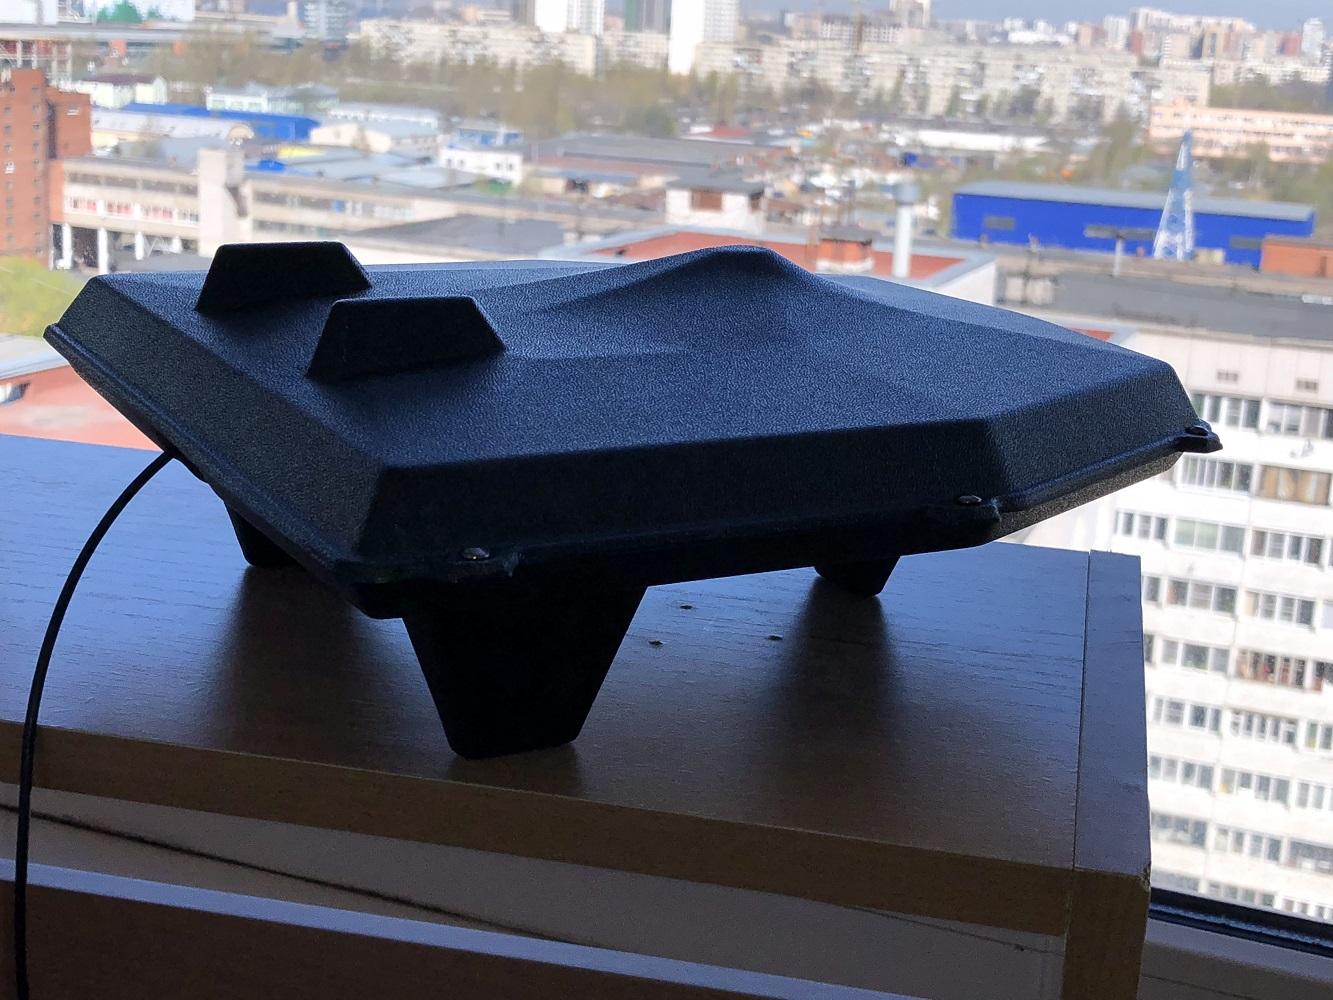 Купите мощную антенну Т-3320, которая разработана именно для этого случая!   Для чего: Для телевизора или ТВ тюнера с функцией цифрового ТВ стандарта DVB-T2.   Встроенный усилитель. Антенна применяется в ситуации, когда направление на передающий центр известно точно и есть возможность направить на него антенну. Работает на прямом ТВ сигнале в условиях города и ближнего пригорода до 30 км.